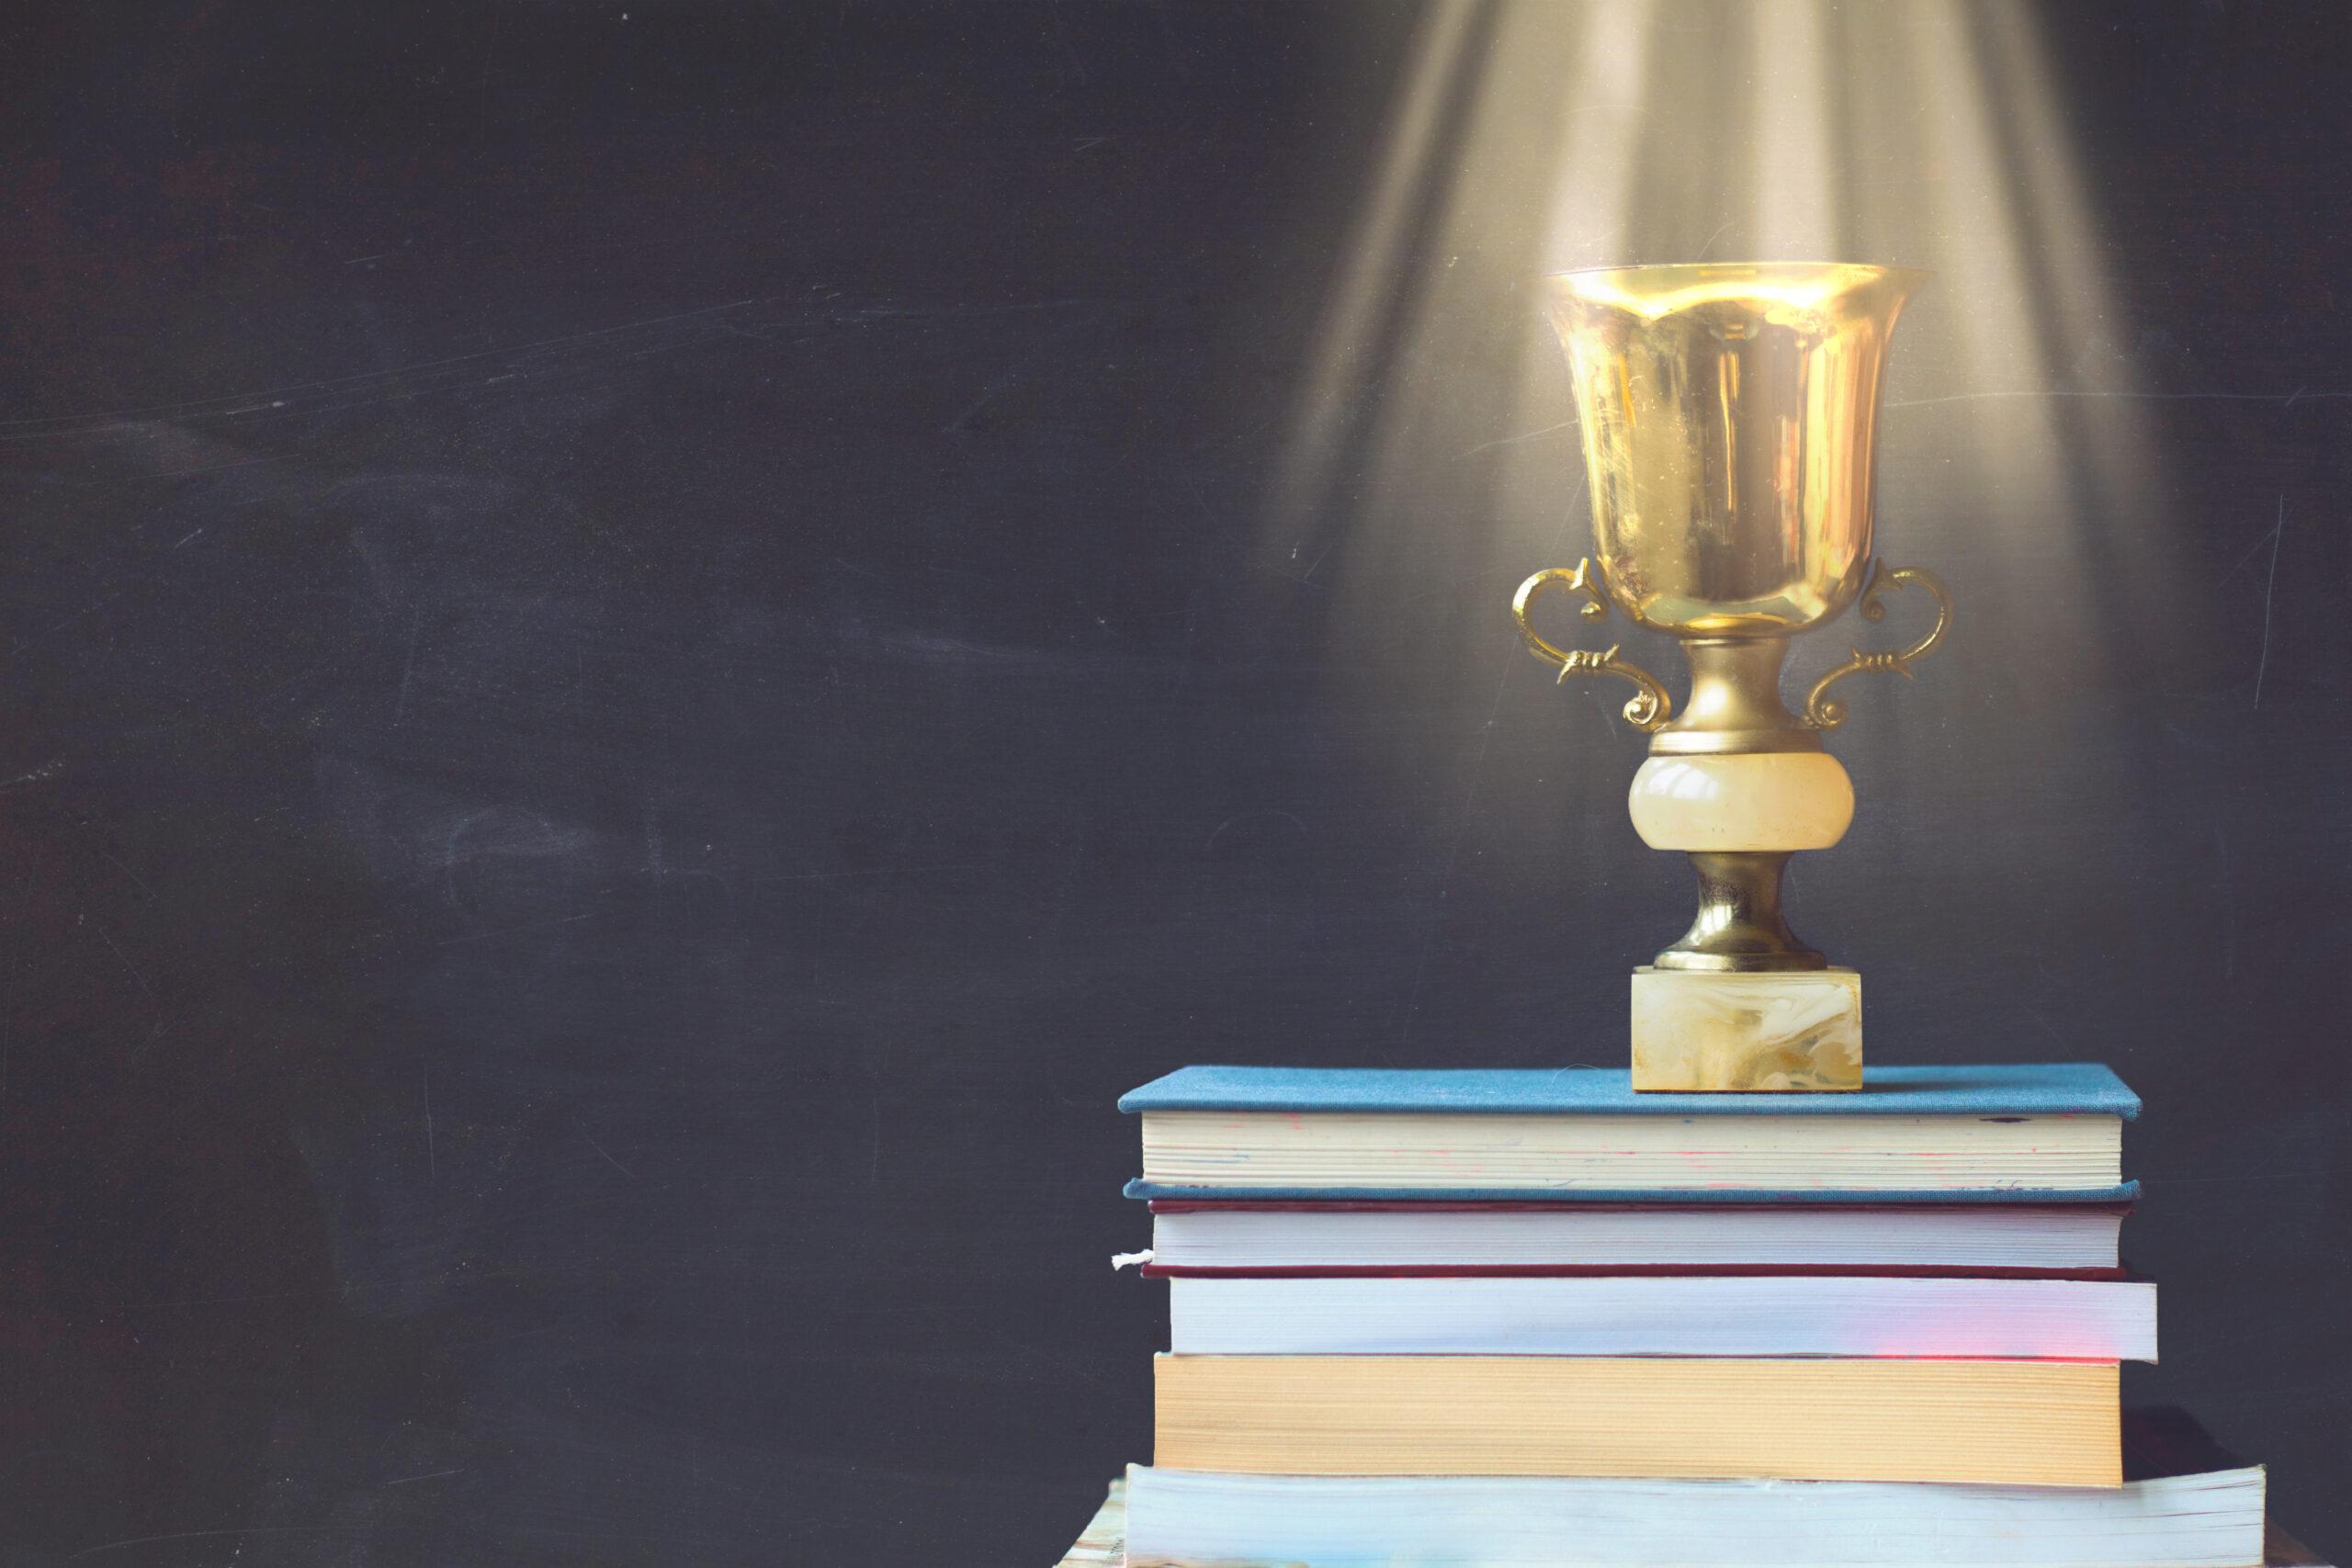 Ein Pokal auf einem Bücherstapel.